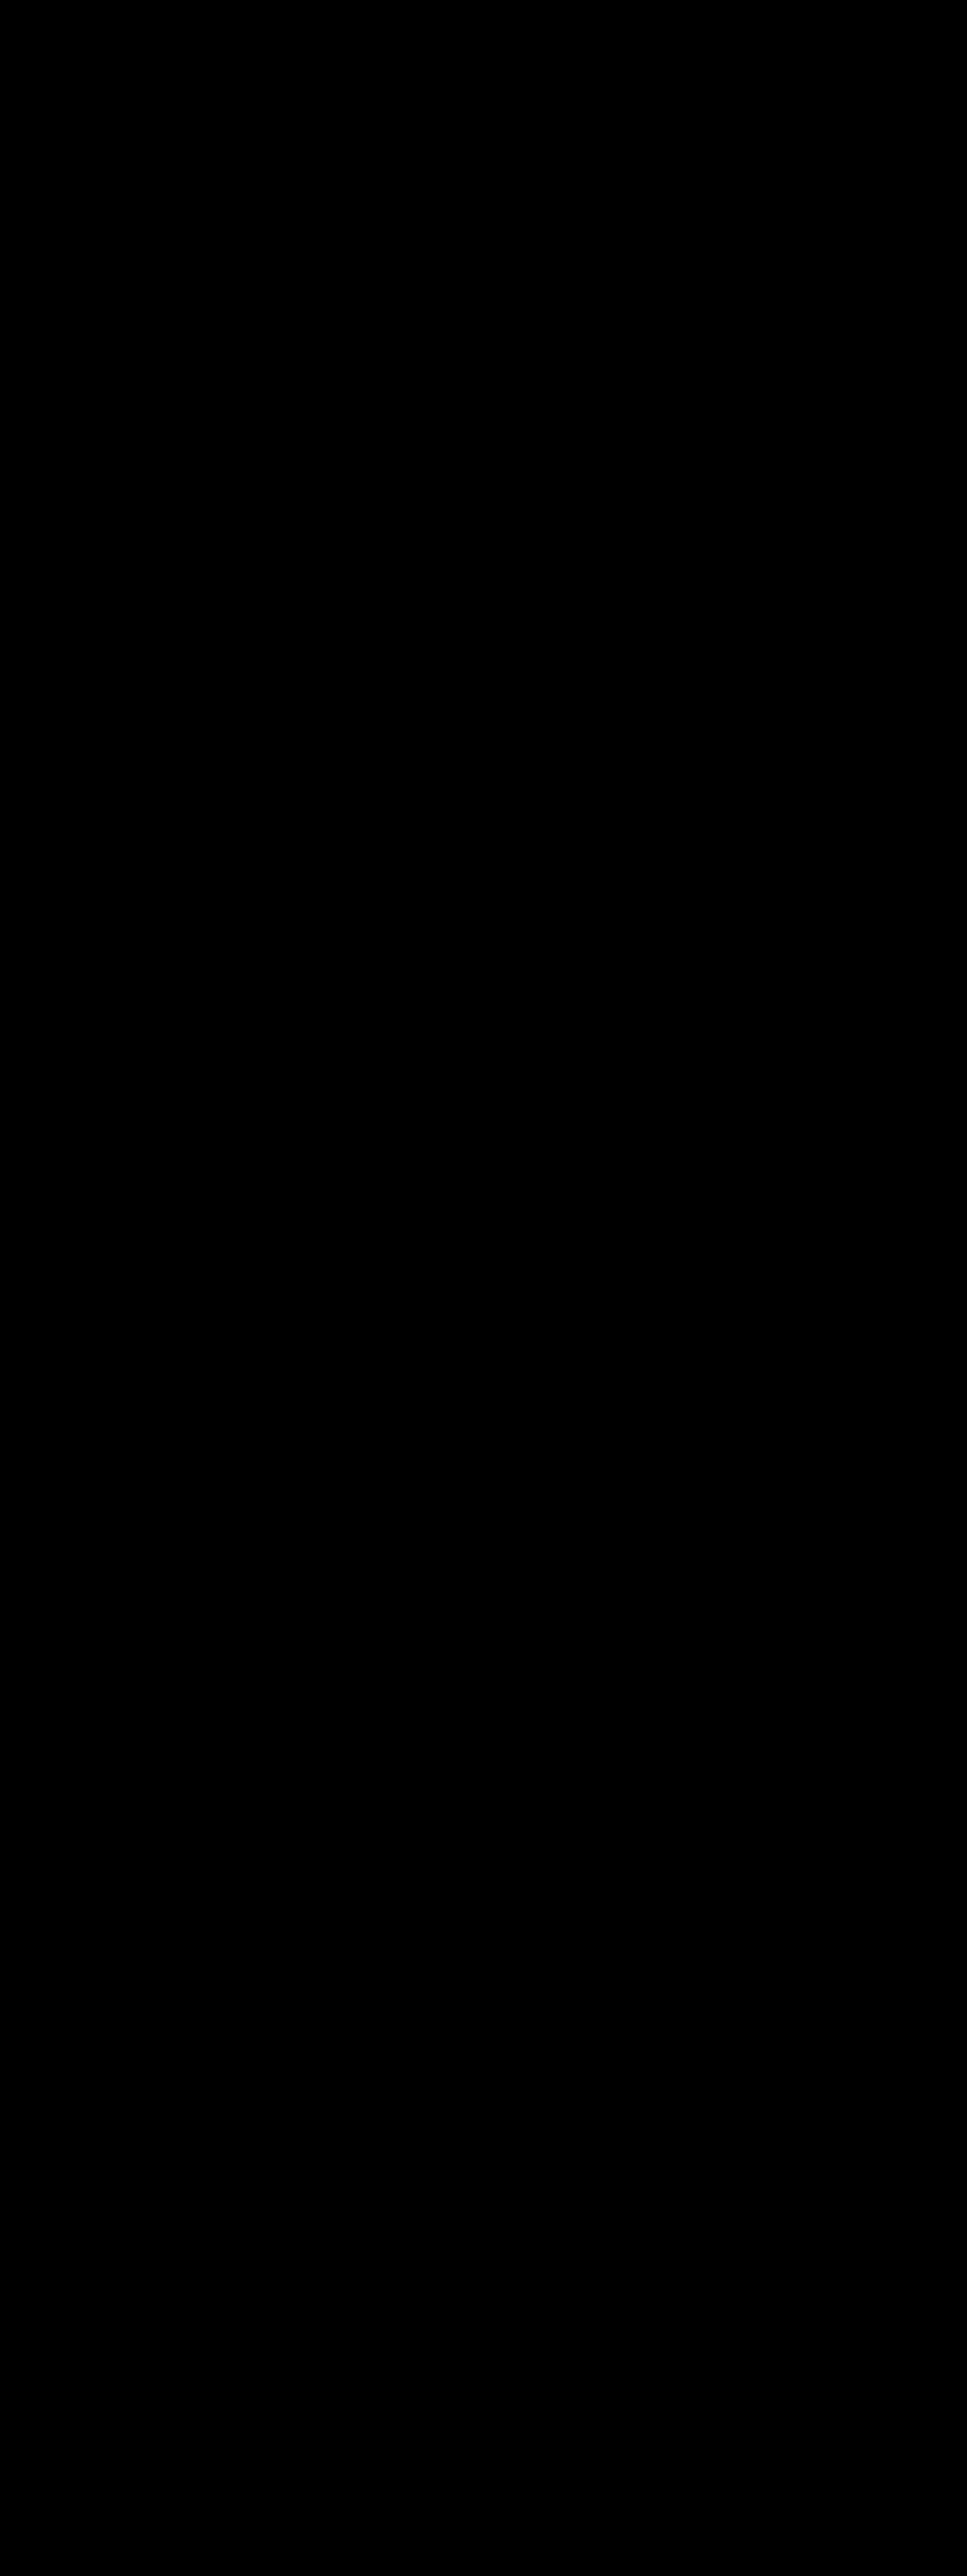 1 Stk Masken-Zählerverteiler 2M-33E/WIEN 2ZP, H1565B540T200mm IL153233WS